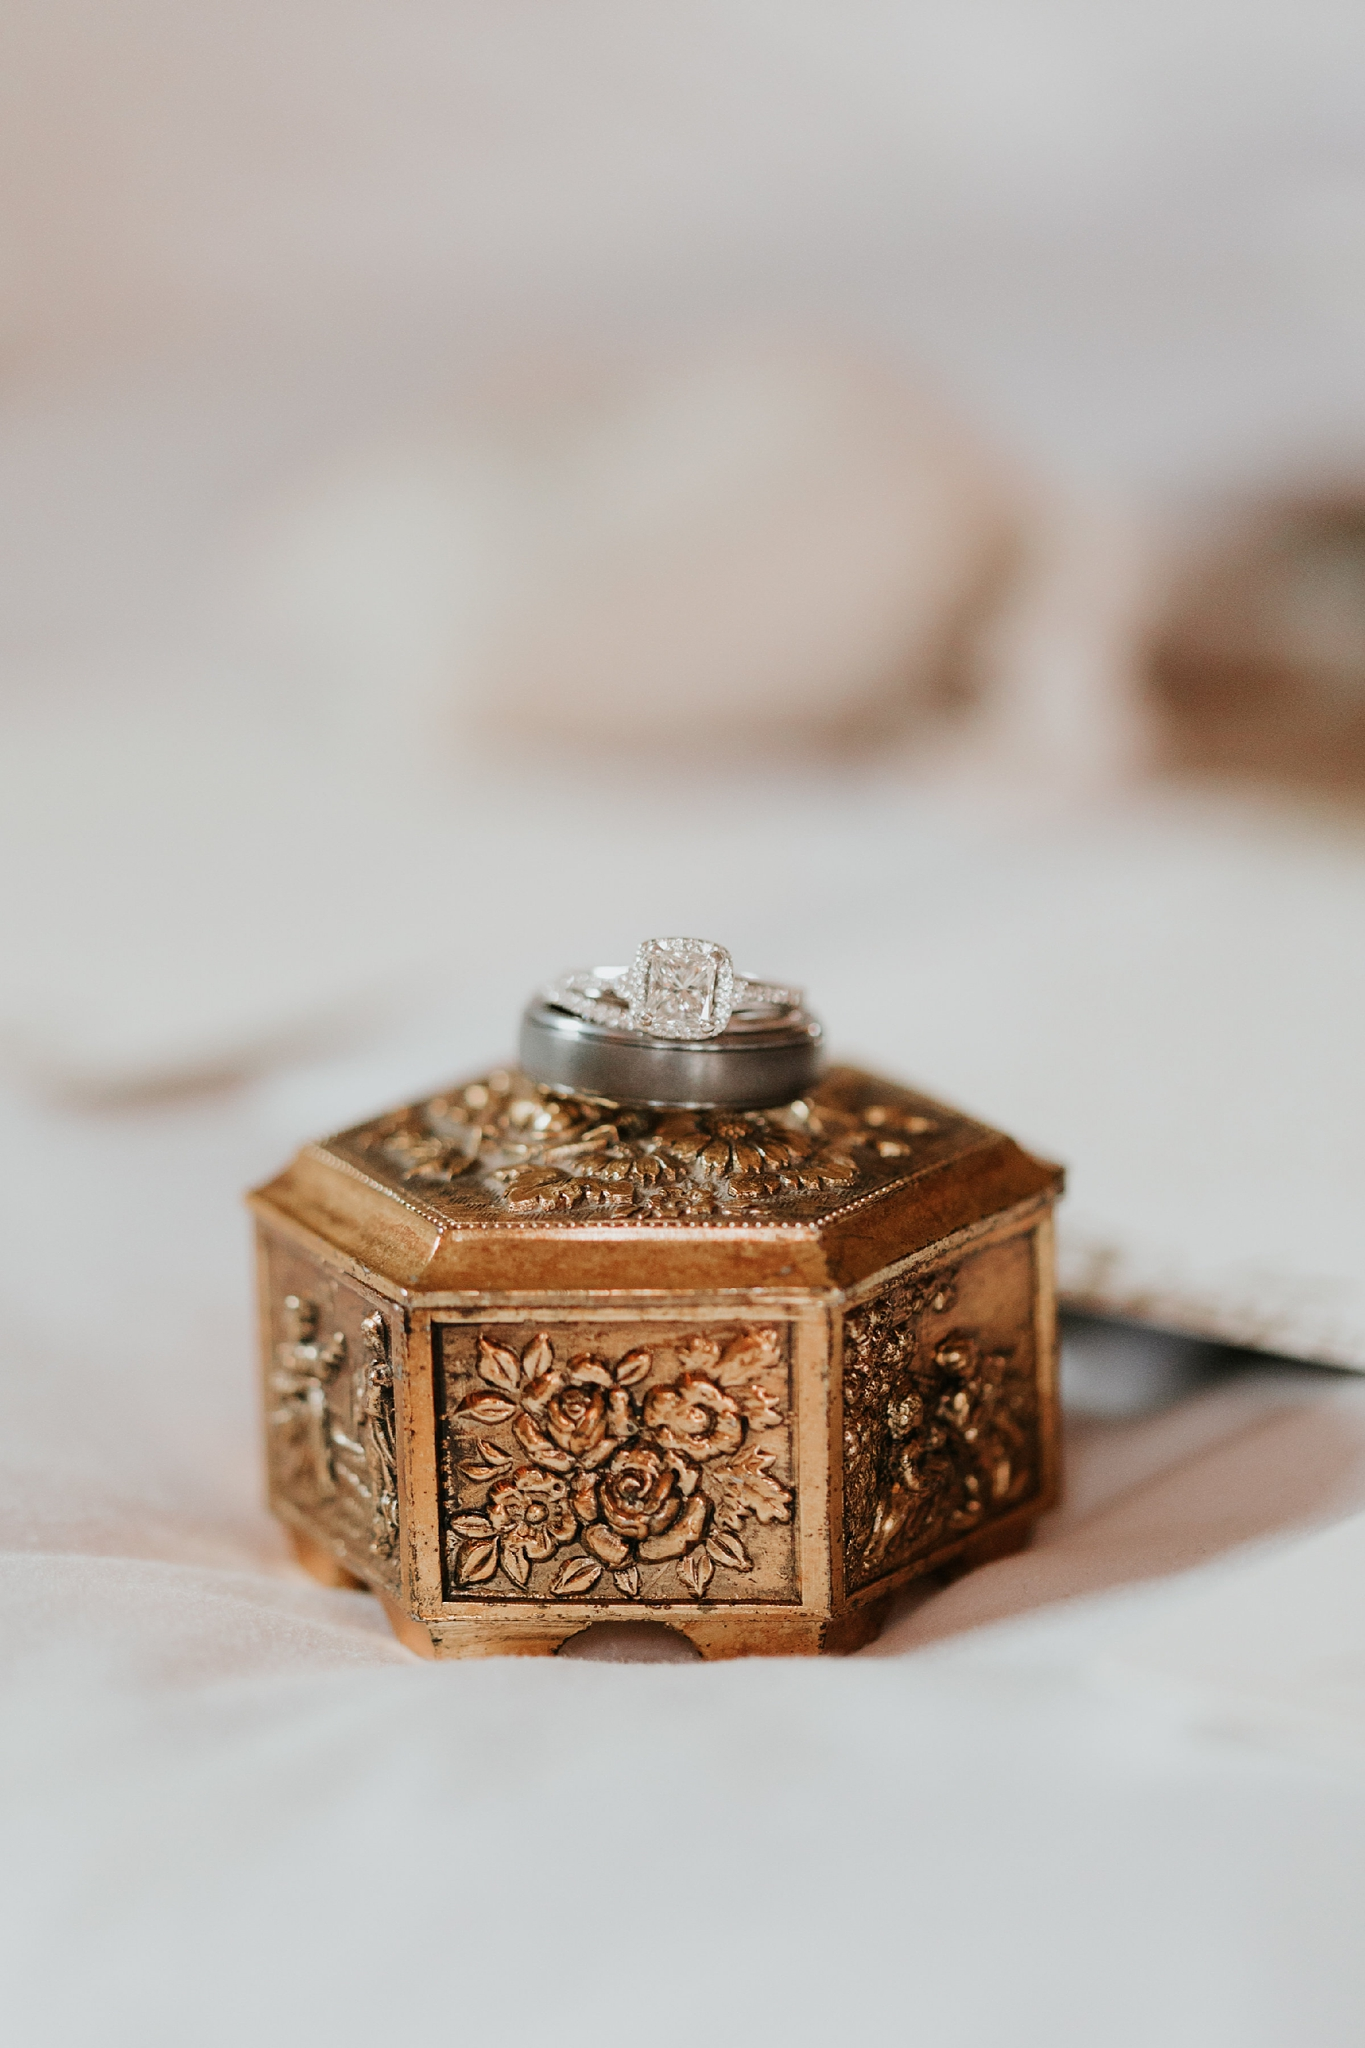 Alicia+lucia+photography+-+albuquerque+wedding+photographer+-+santa+fe+wedding+photography+-+new+mexico+wedding+photographer+-+new+mexico+wedding+-+santa+fe+wedding+-+albuquerque+wedding+-+wedding+rings+-+engagement+rings_0029.jpg